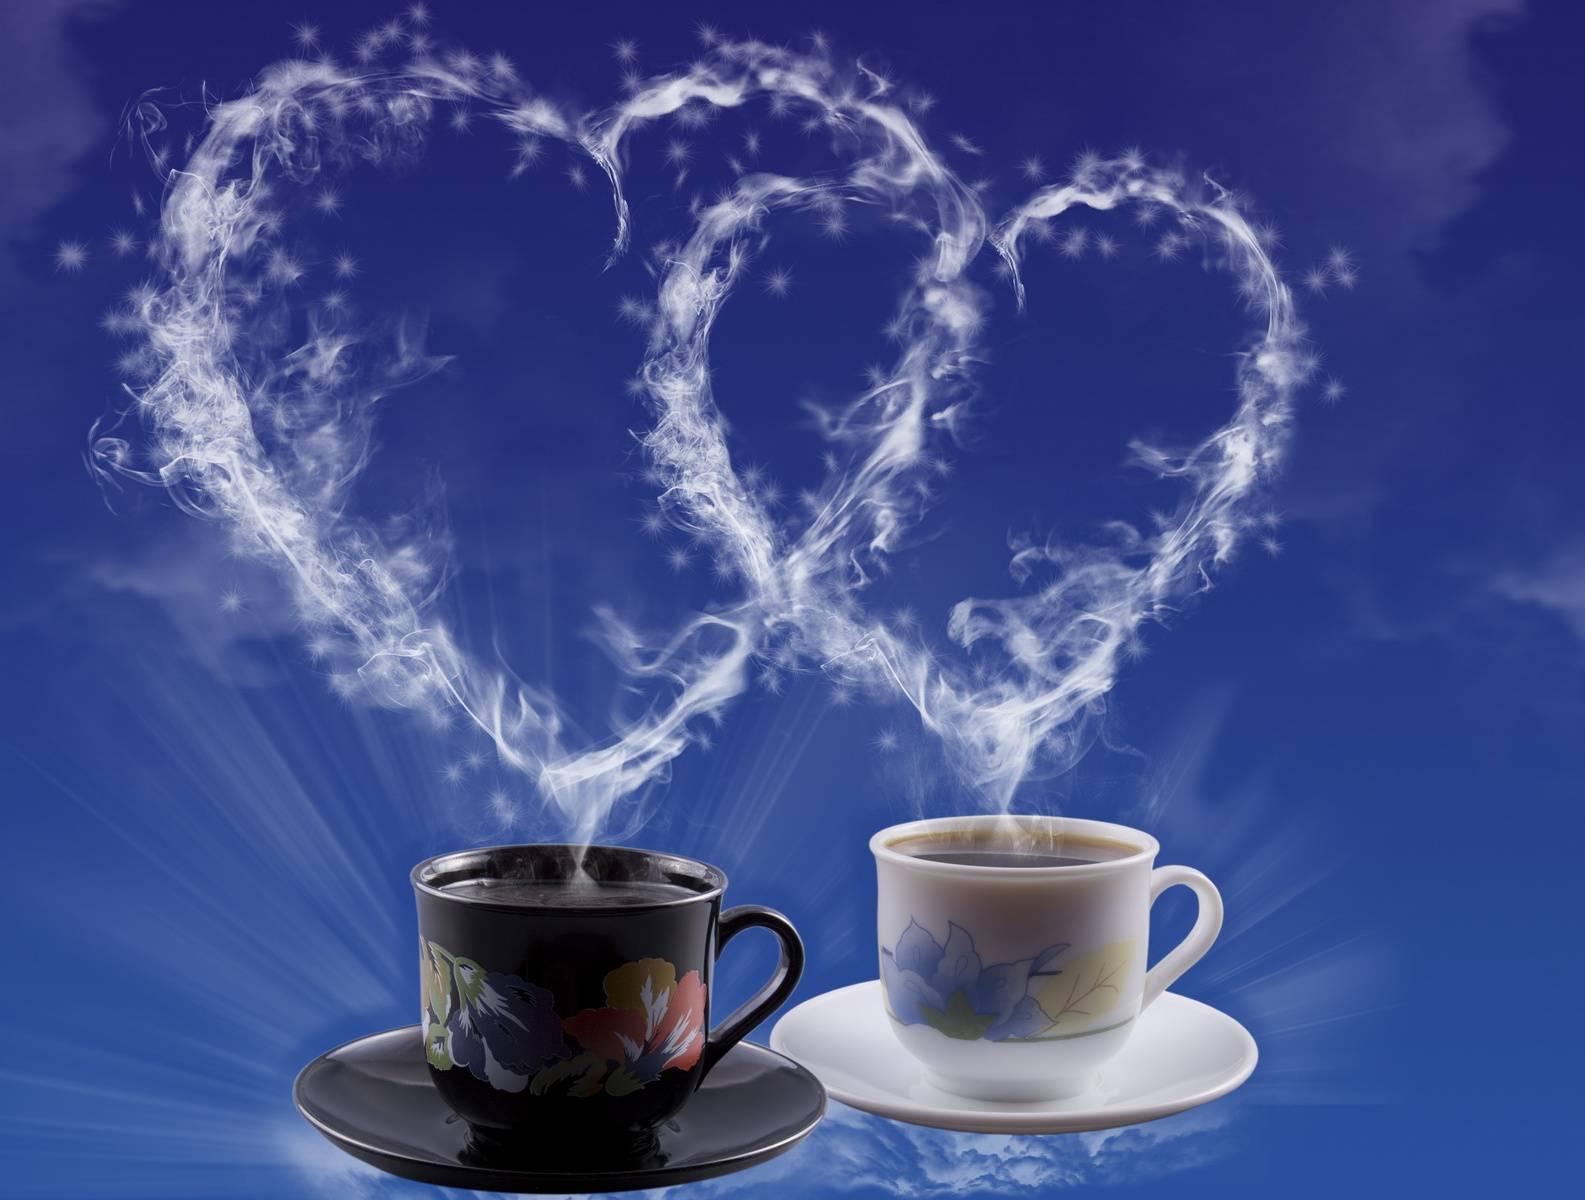 Картинки с добрым утром любимый мужчина романтические